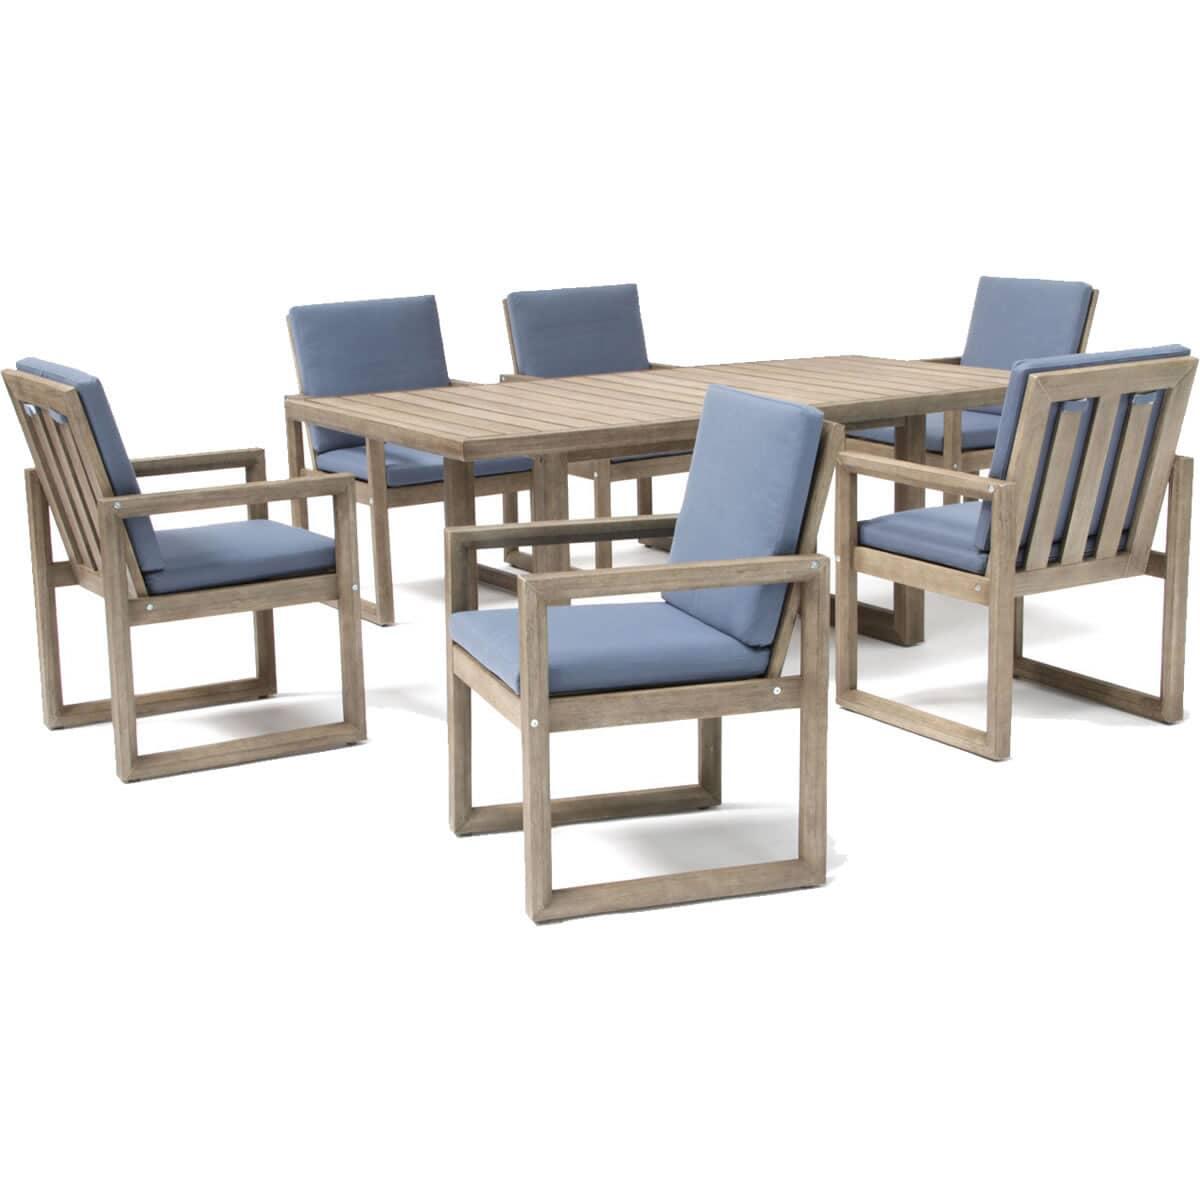 Kettler Ezra 6 Seat Dining Set Kezrset01 Garden